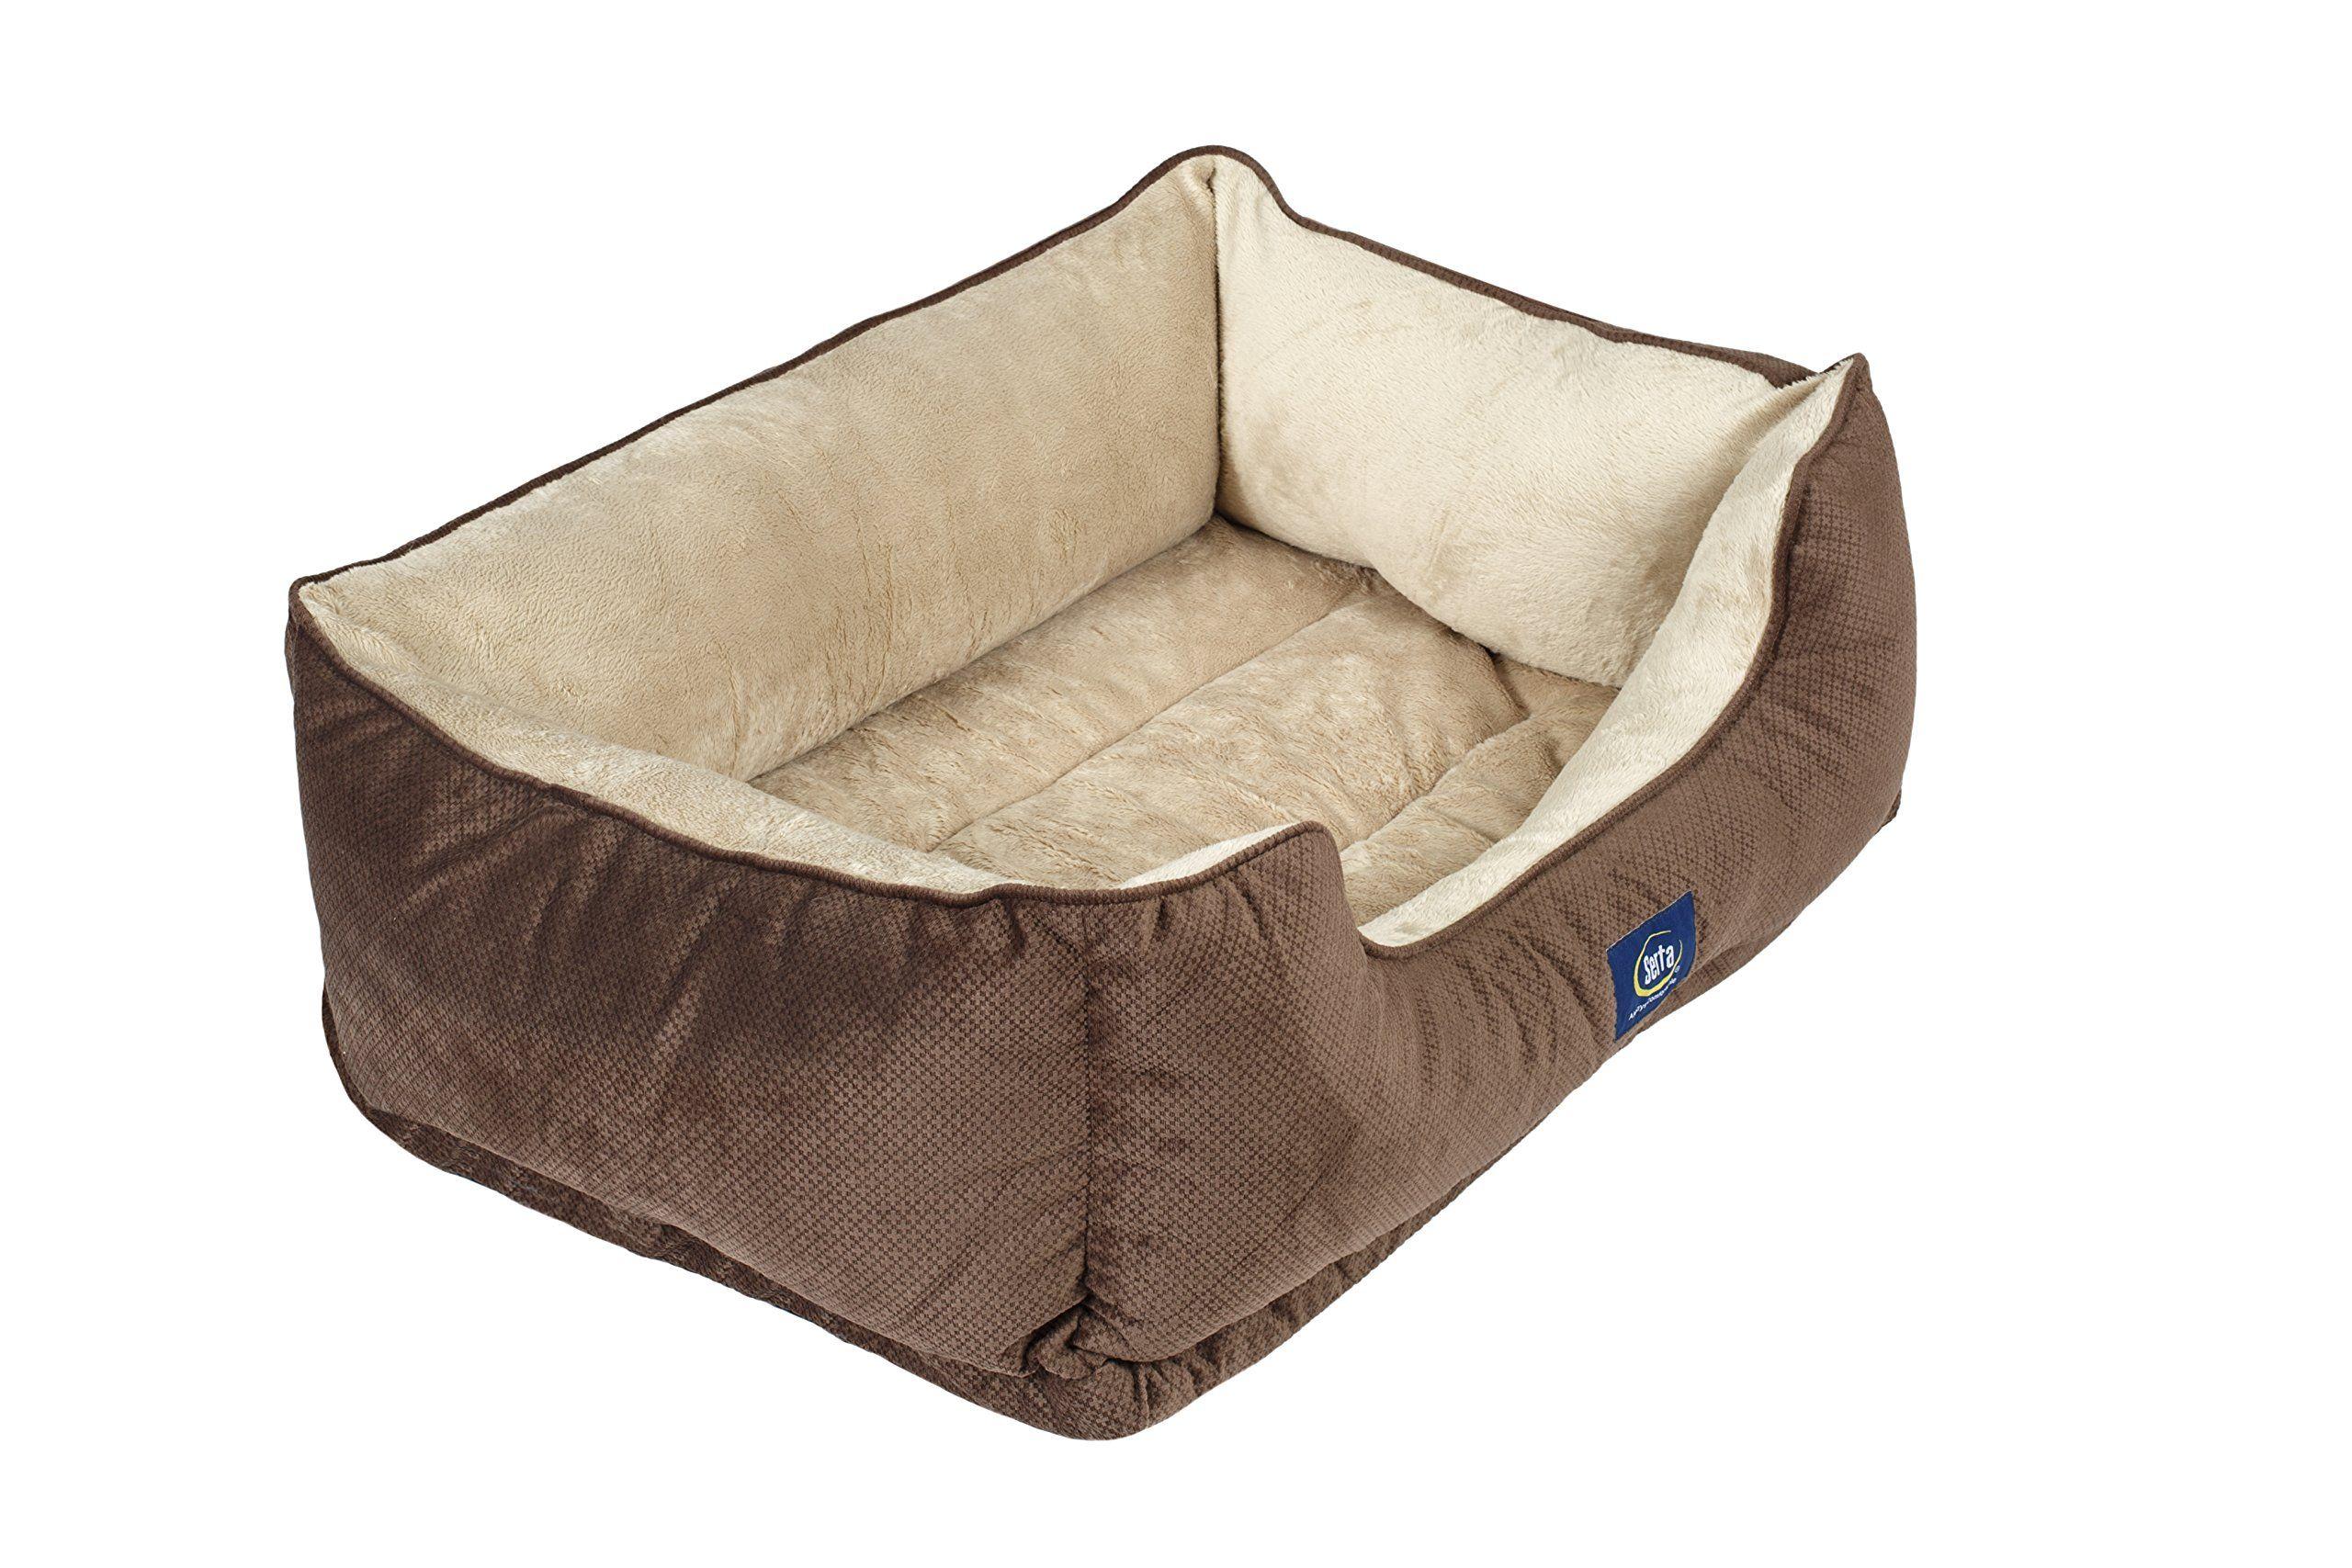 Serta Ortho Cuddler Pet Bed Mocha ** Click image for more